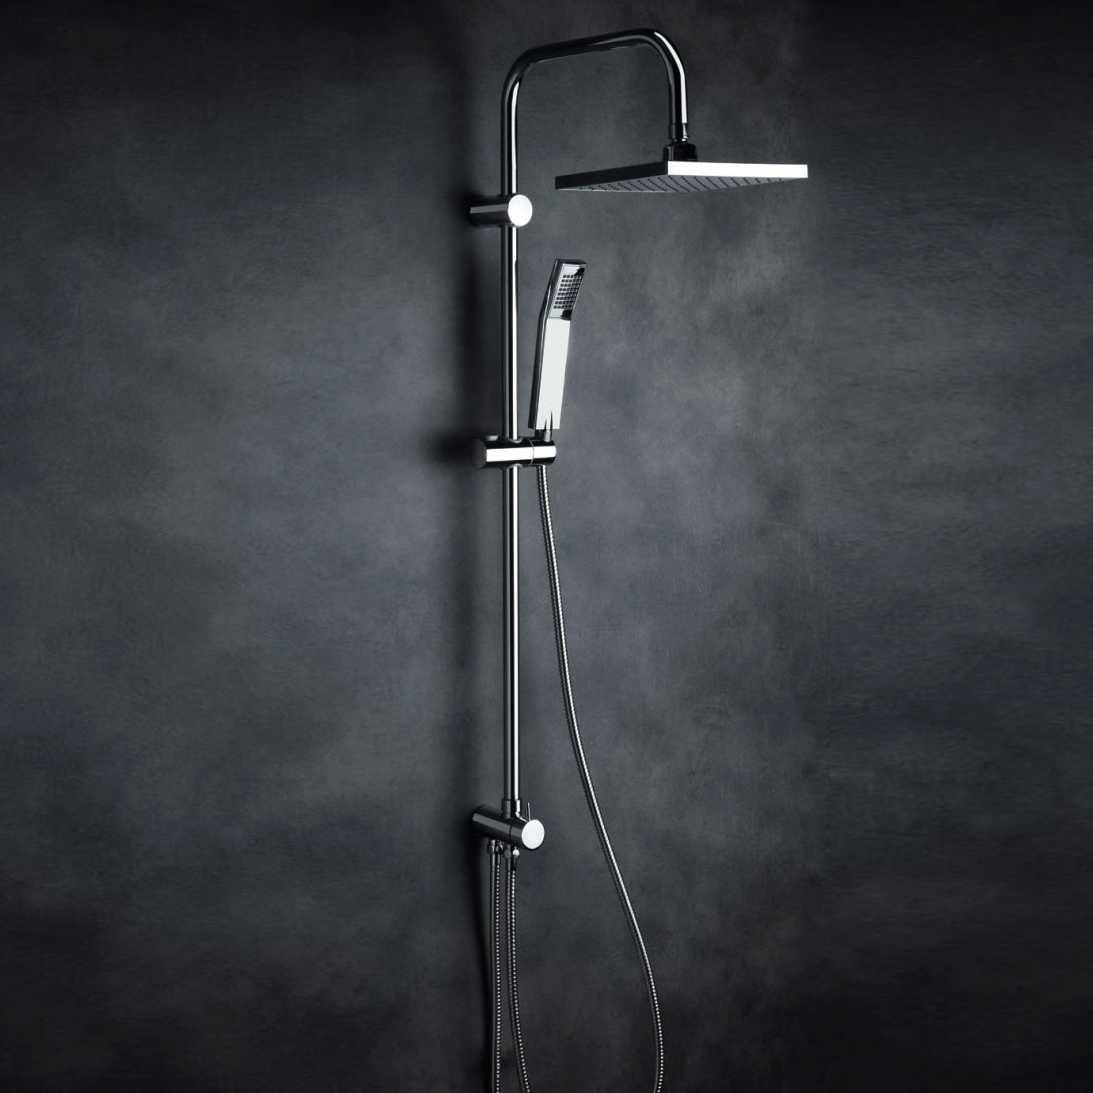 Colonna doccia quadrata in ottone cromato con soffione 20x20 e deviatore incorporato mod. Malta